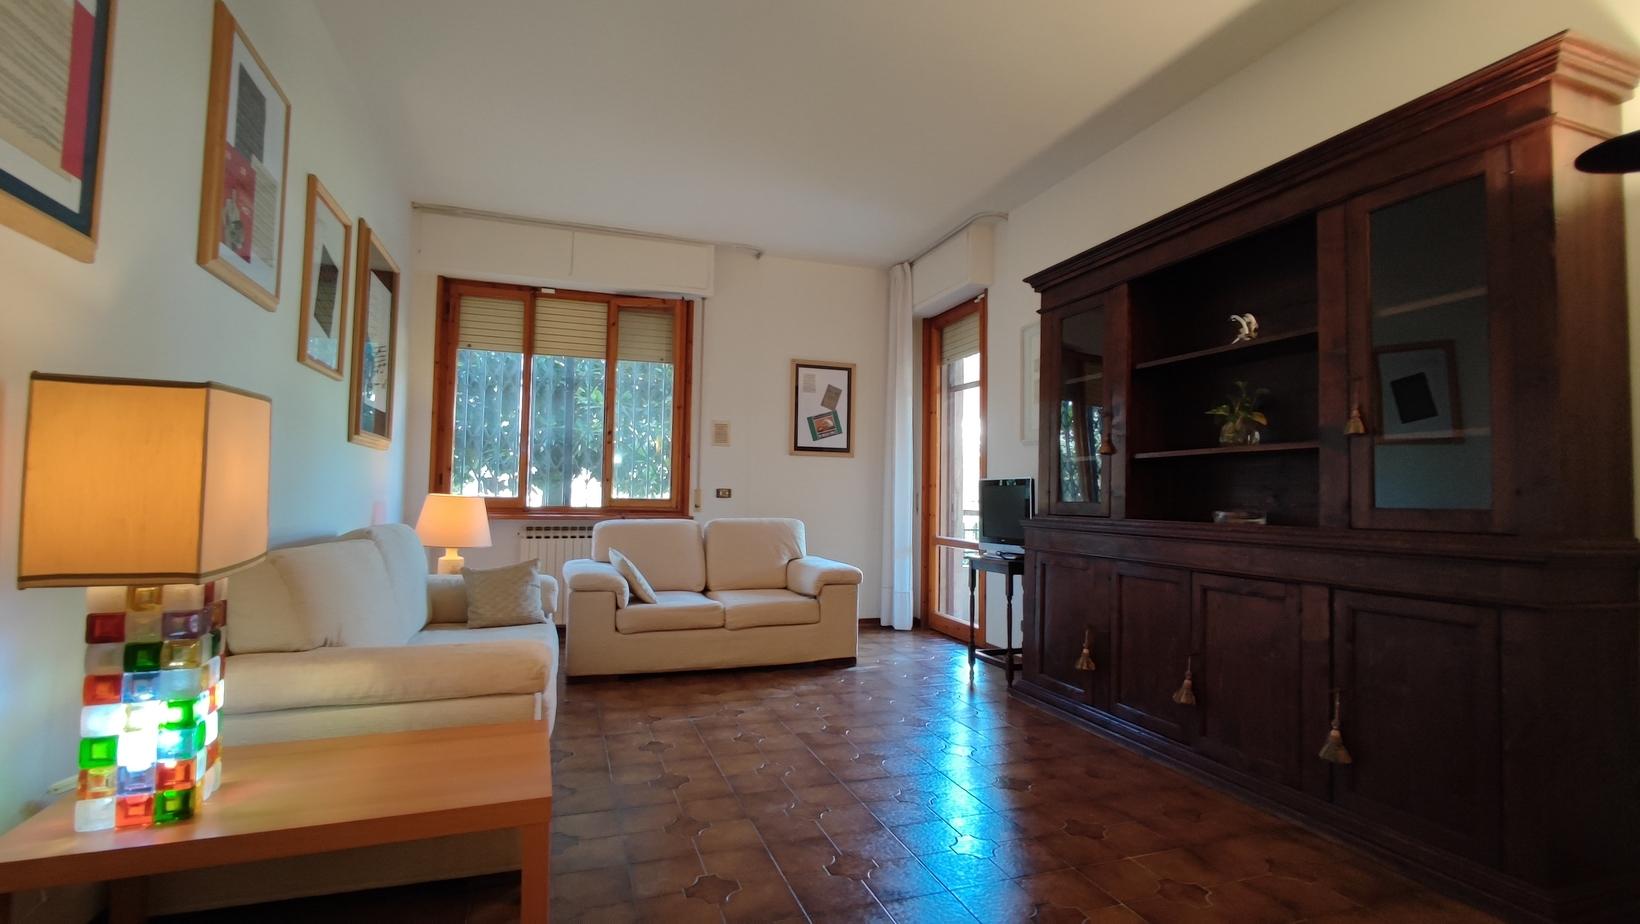 Affitto ampio appartamento con giardino, Firenze sud